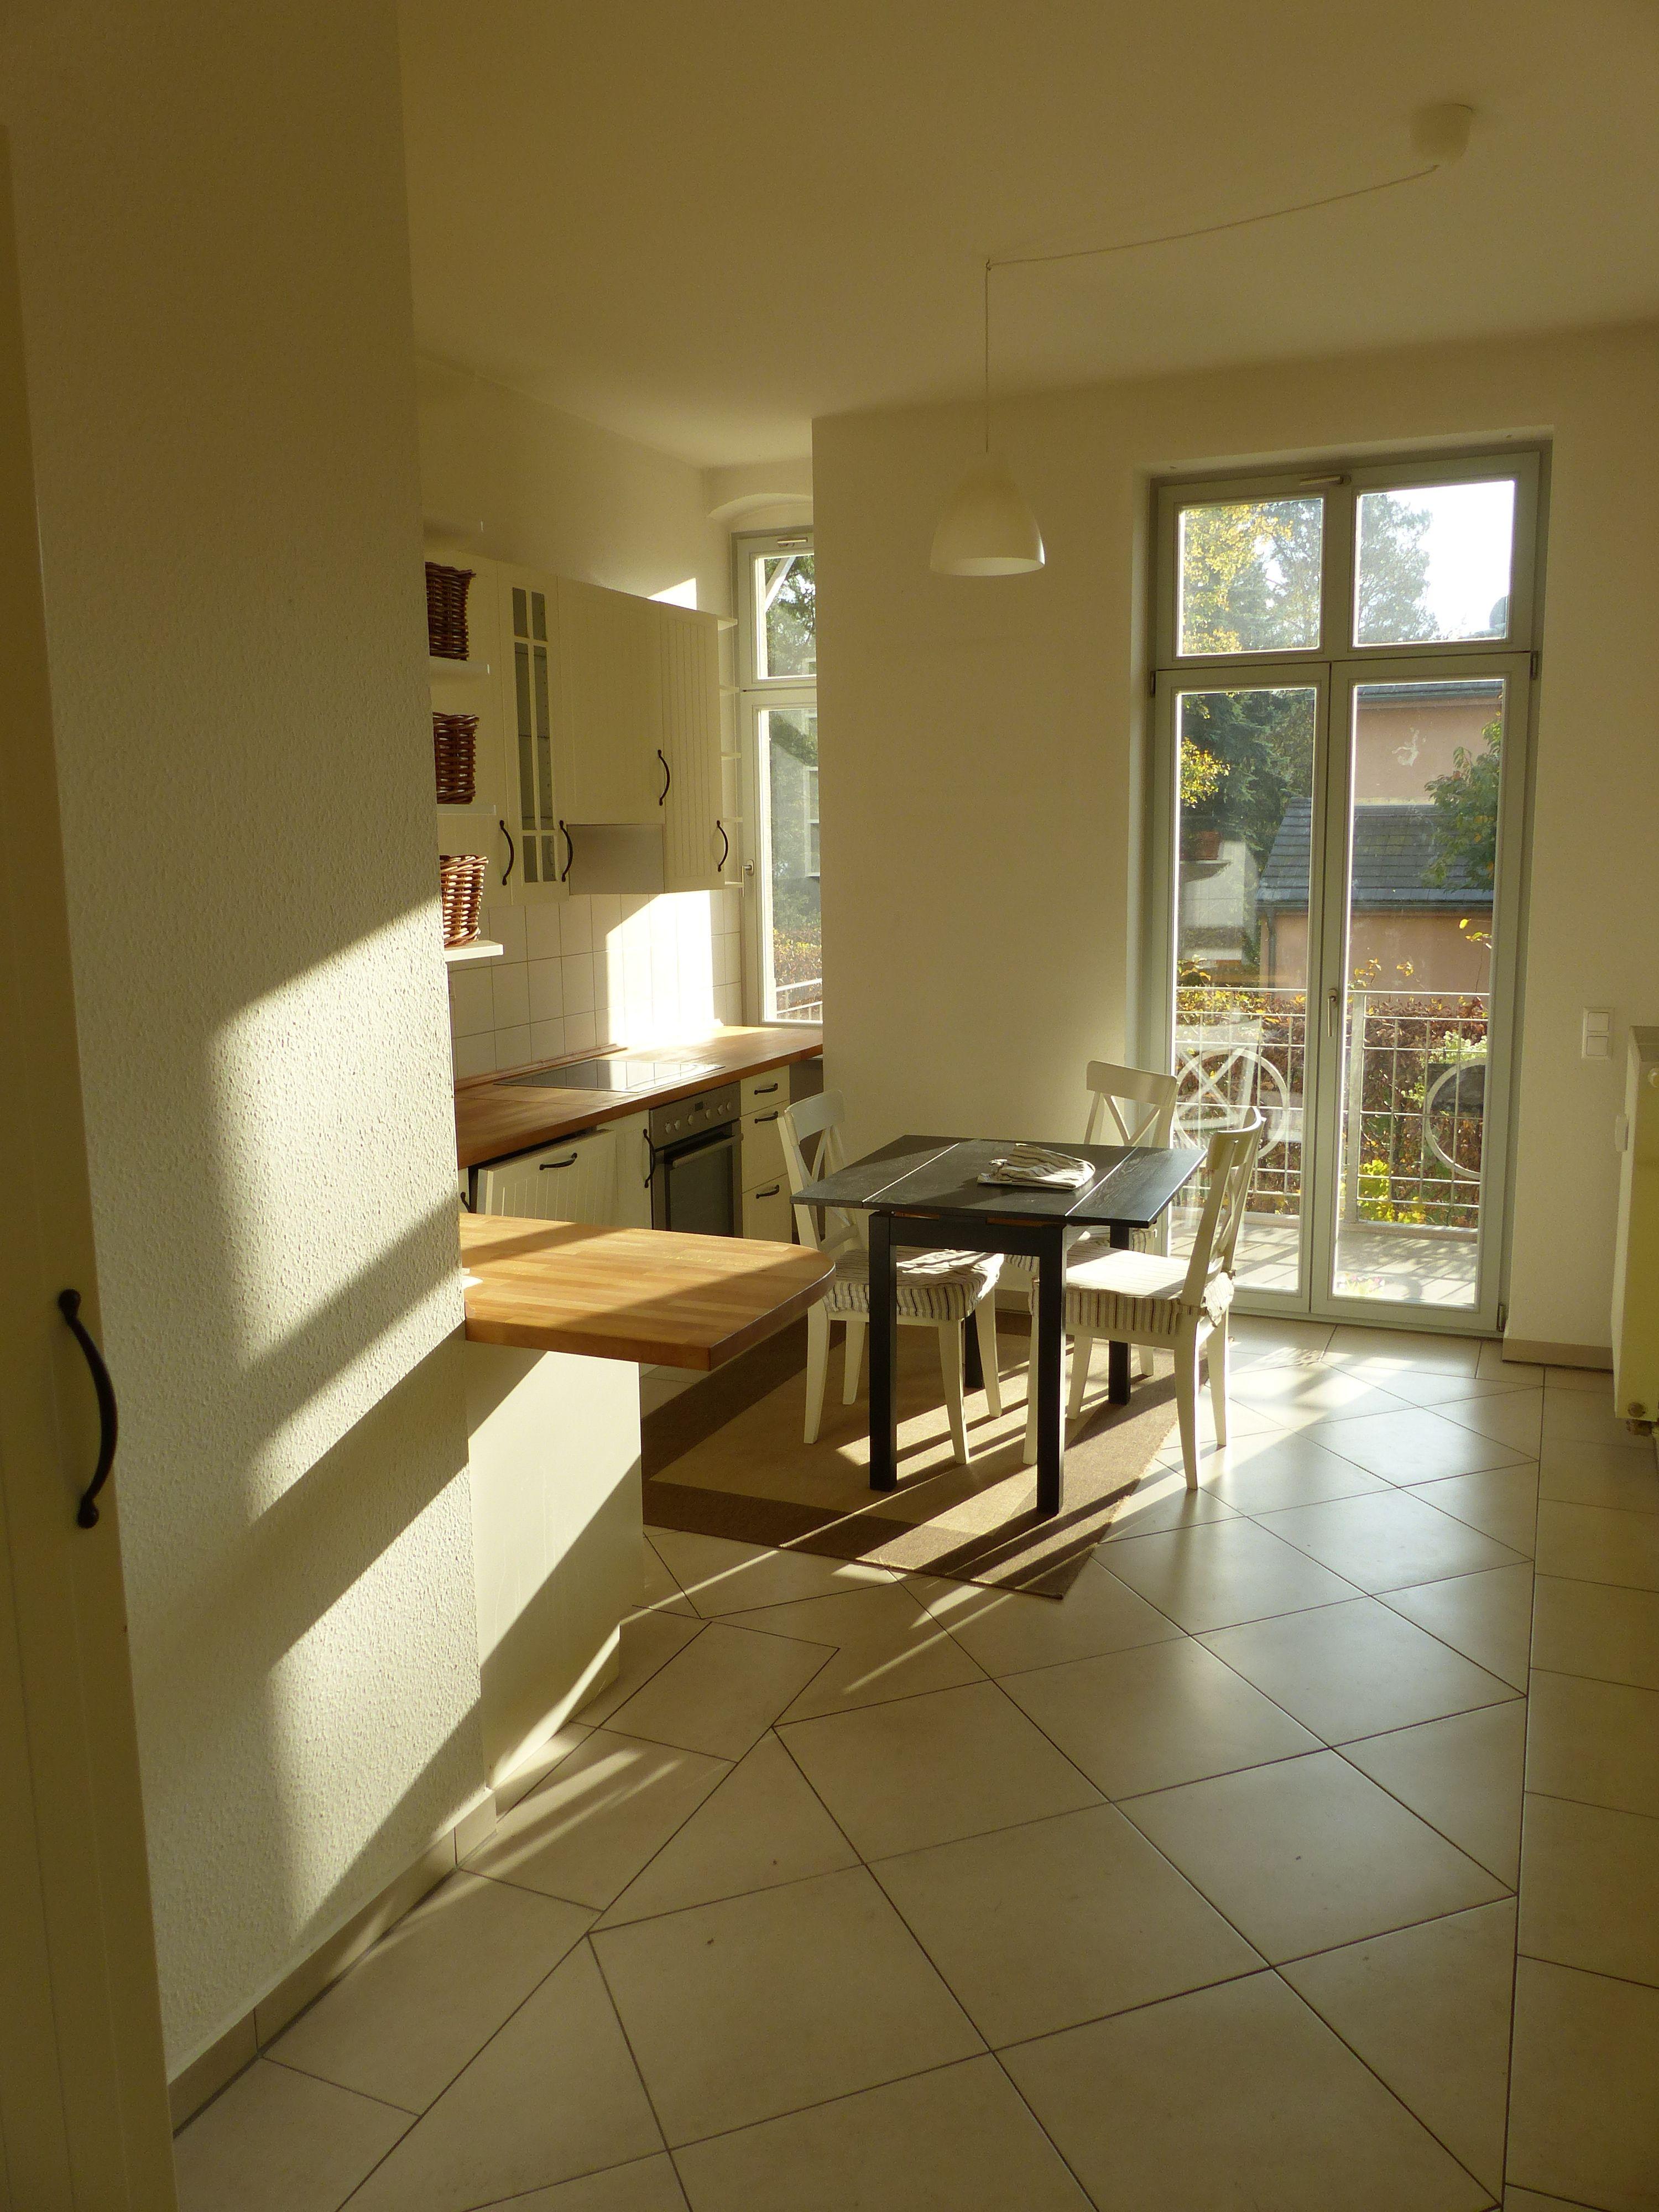 Neu Exklusive 4 1 2 Zimmer Wohnung In Dresden Klotzsche Wohnungeinrichten Innereskind Innerelbowtattoo Innereoberschenkel Home Home Decor Decor